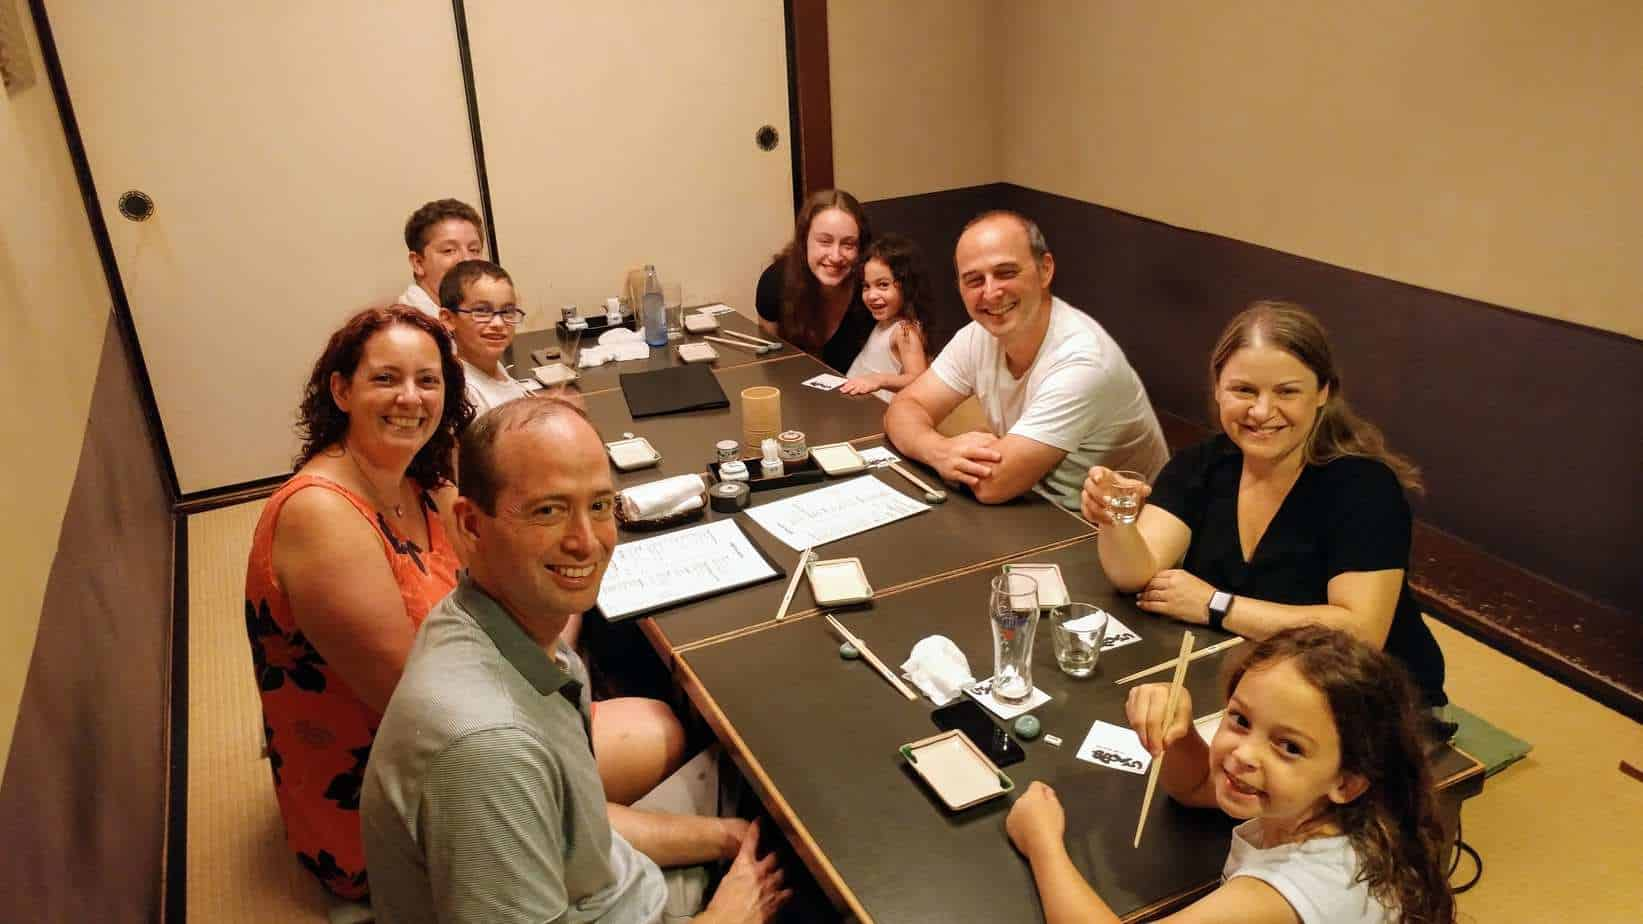 קיוטו עם ילדים - מסעדת Kushikura